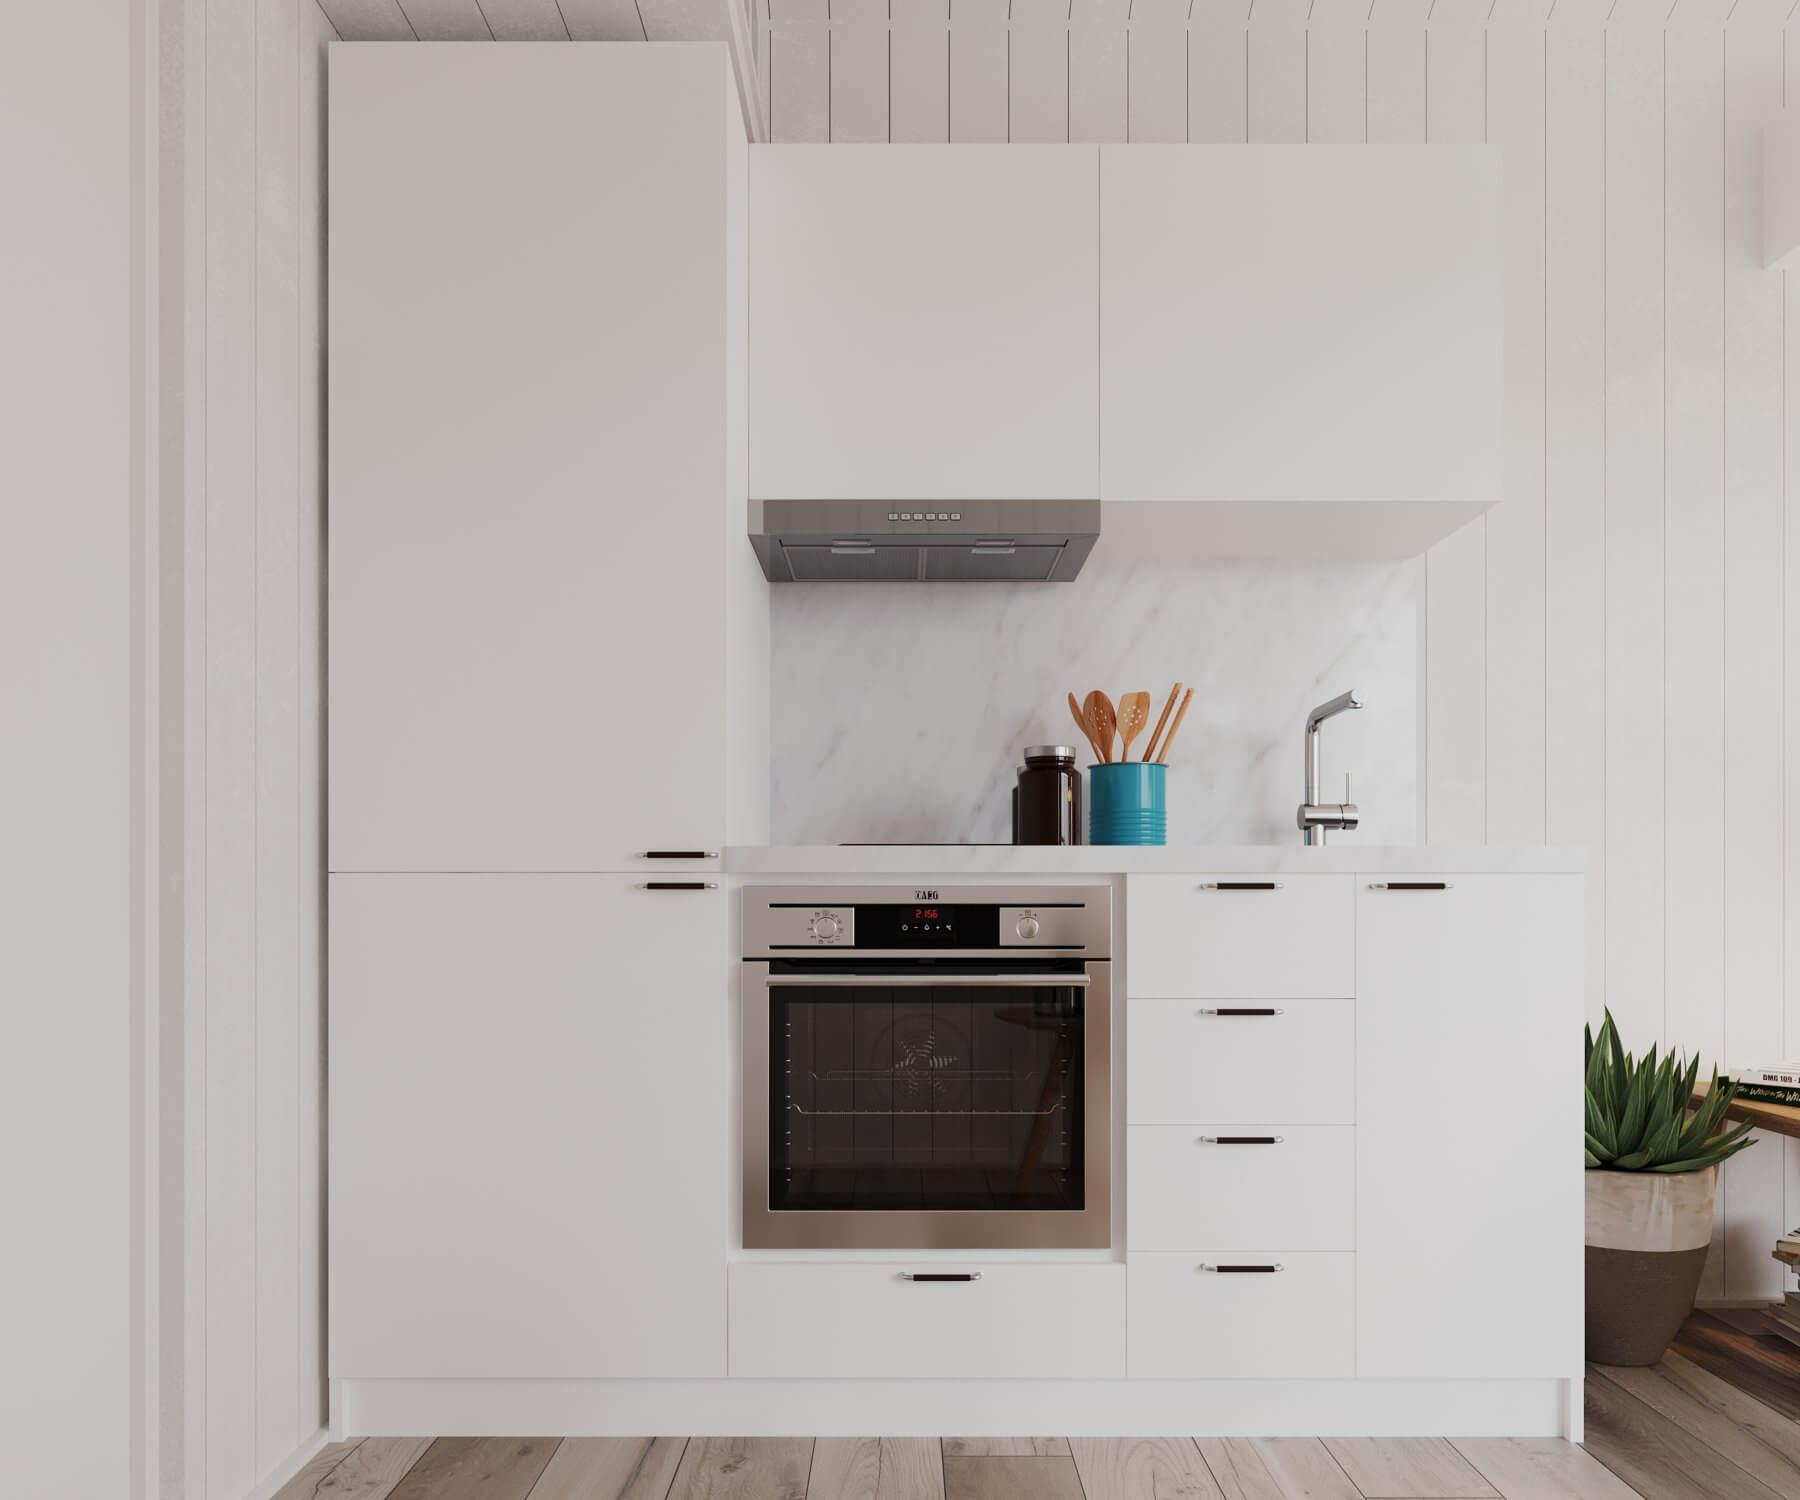 Kök med vita köksluckor, ugn och blandare i attefallshus med klassiskt sadeltak